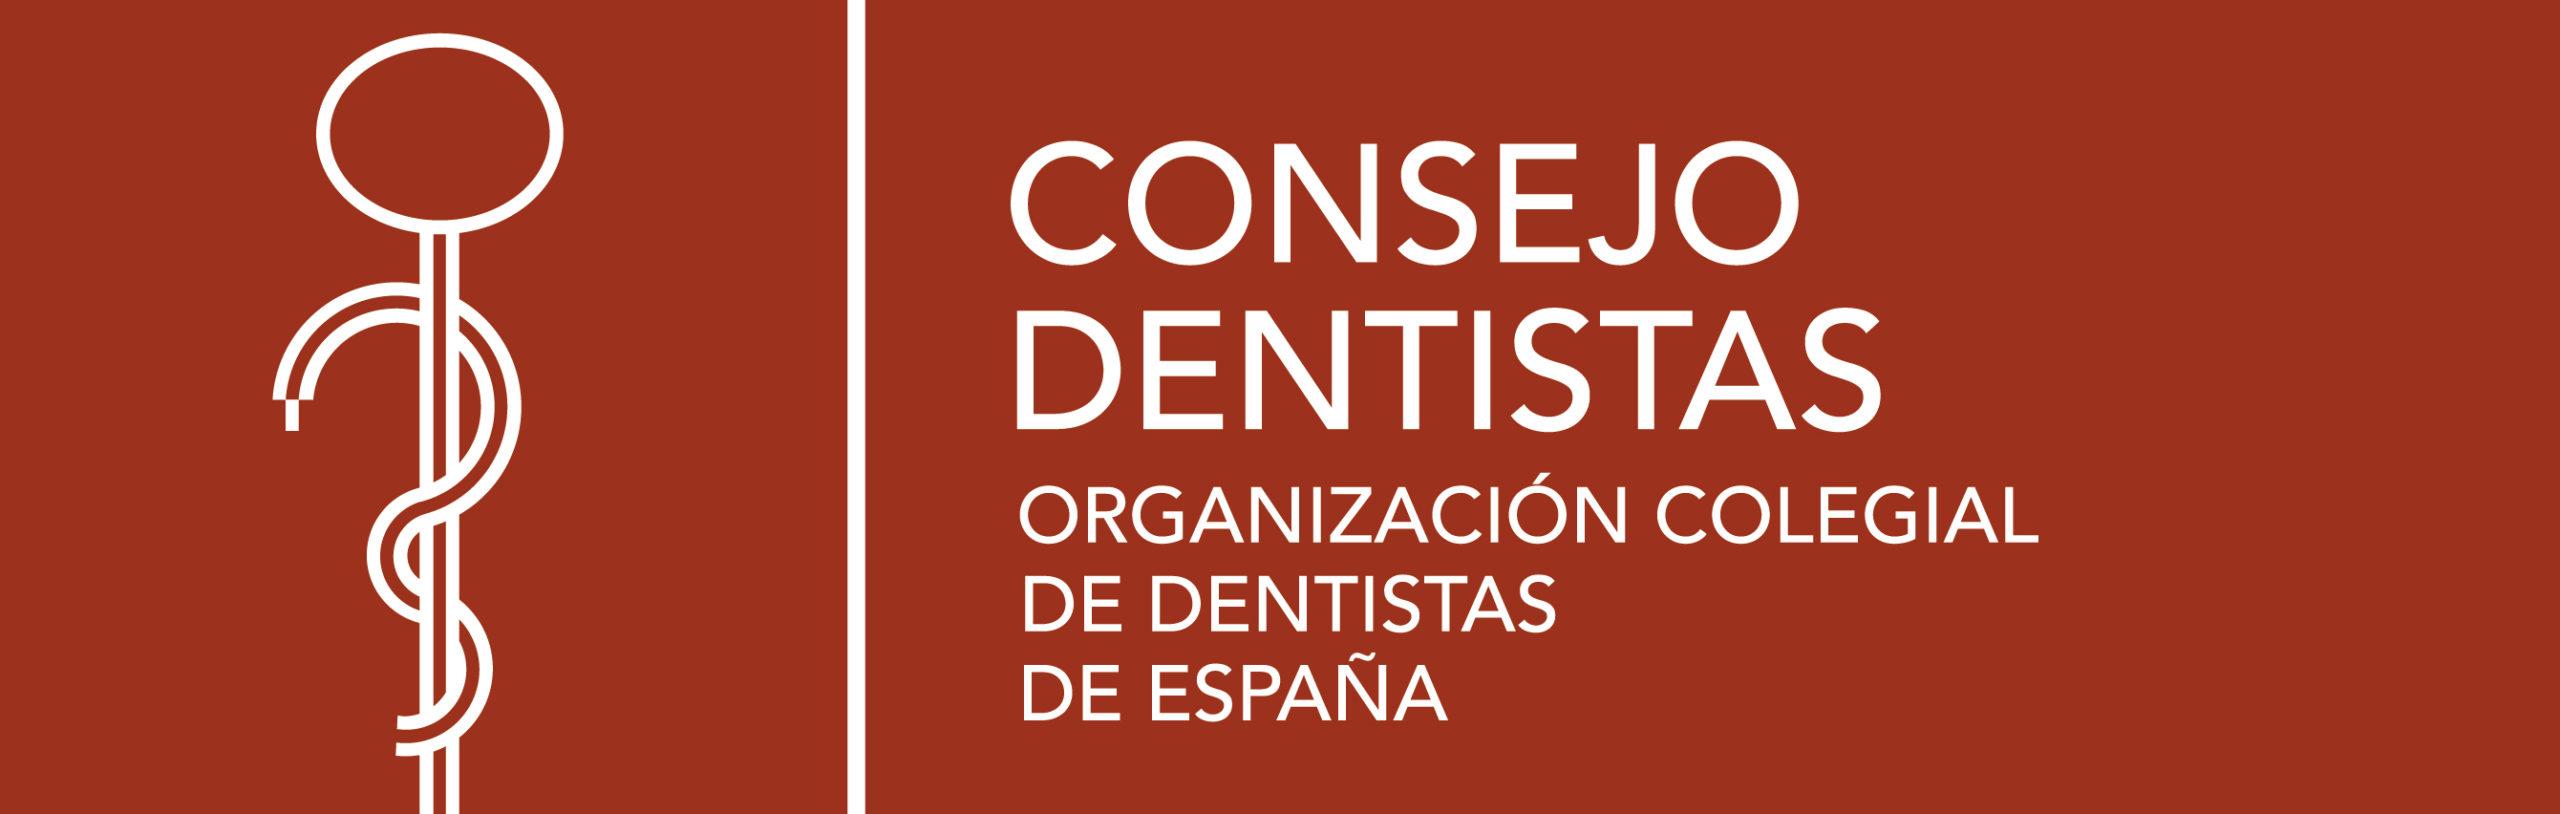 Portal de Transparencia – Consejo Dentistas